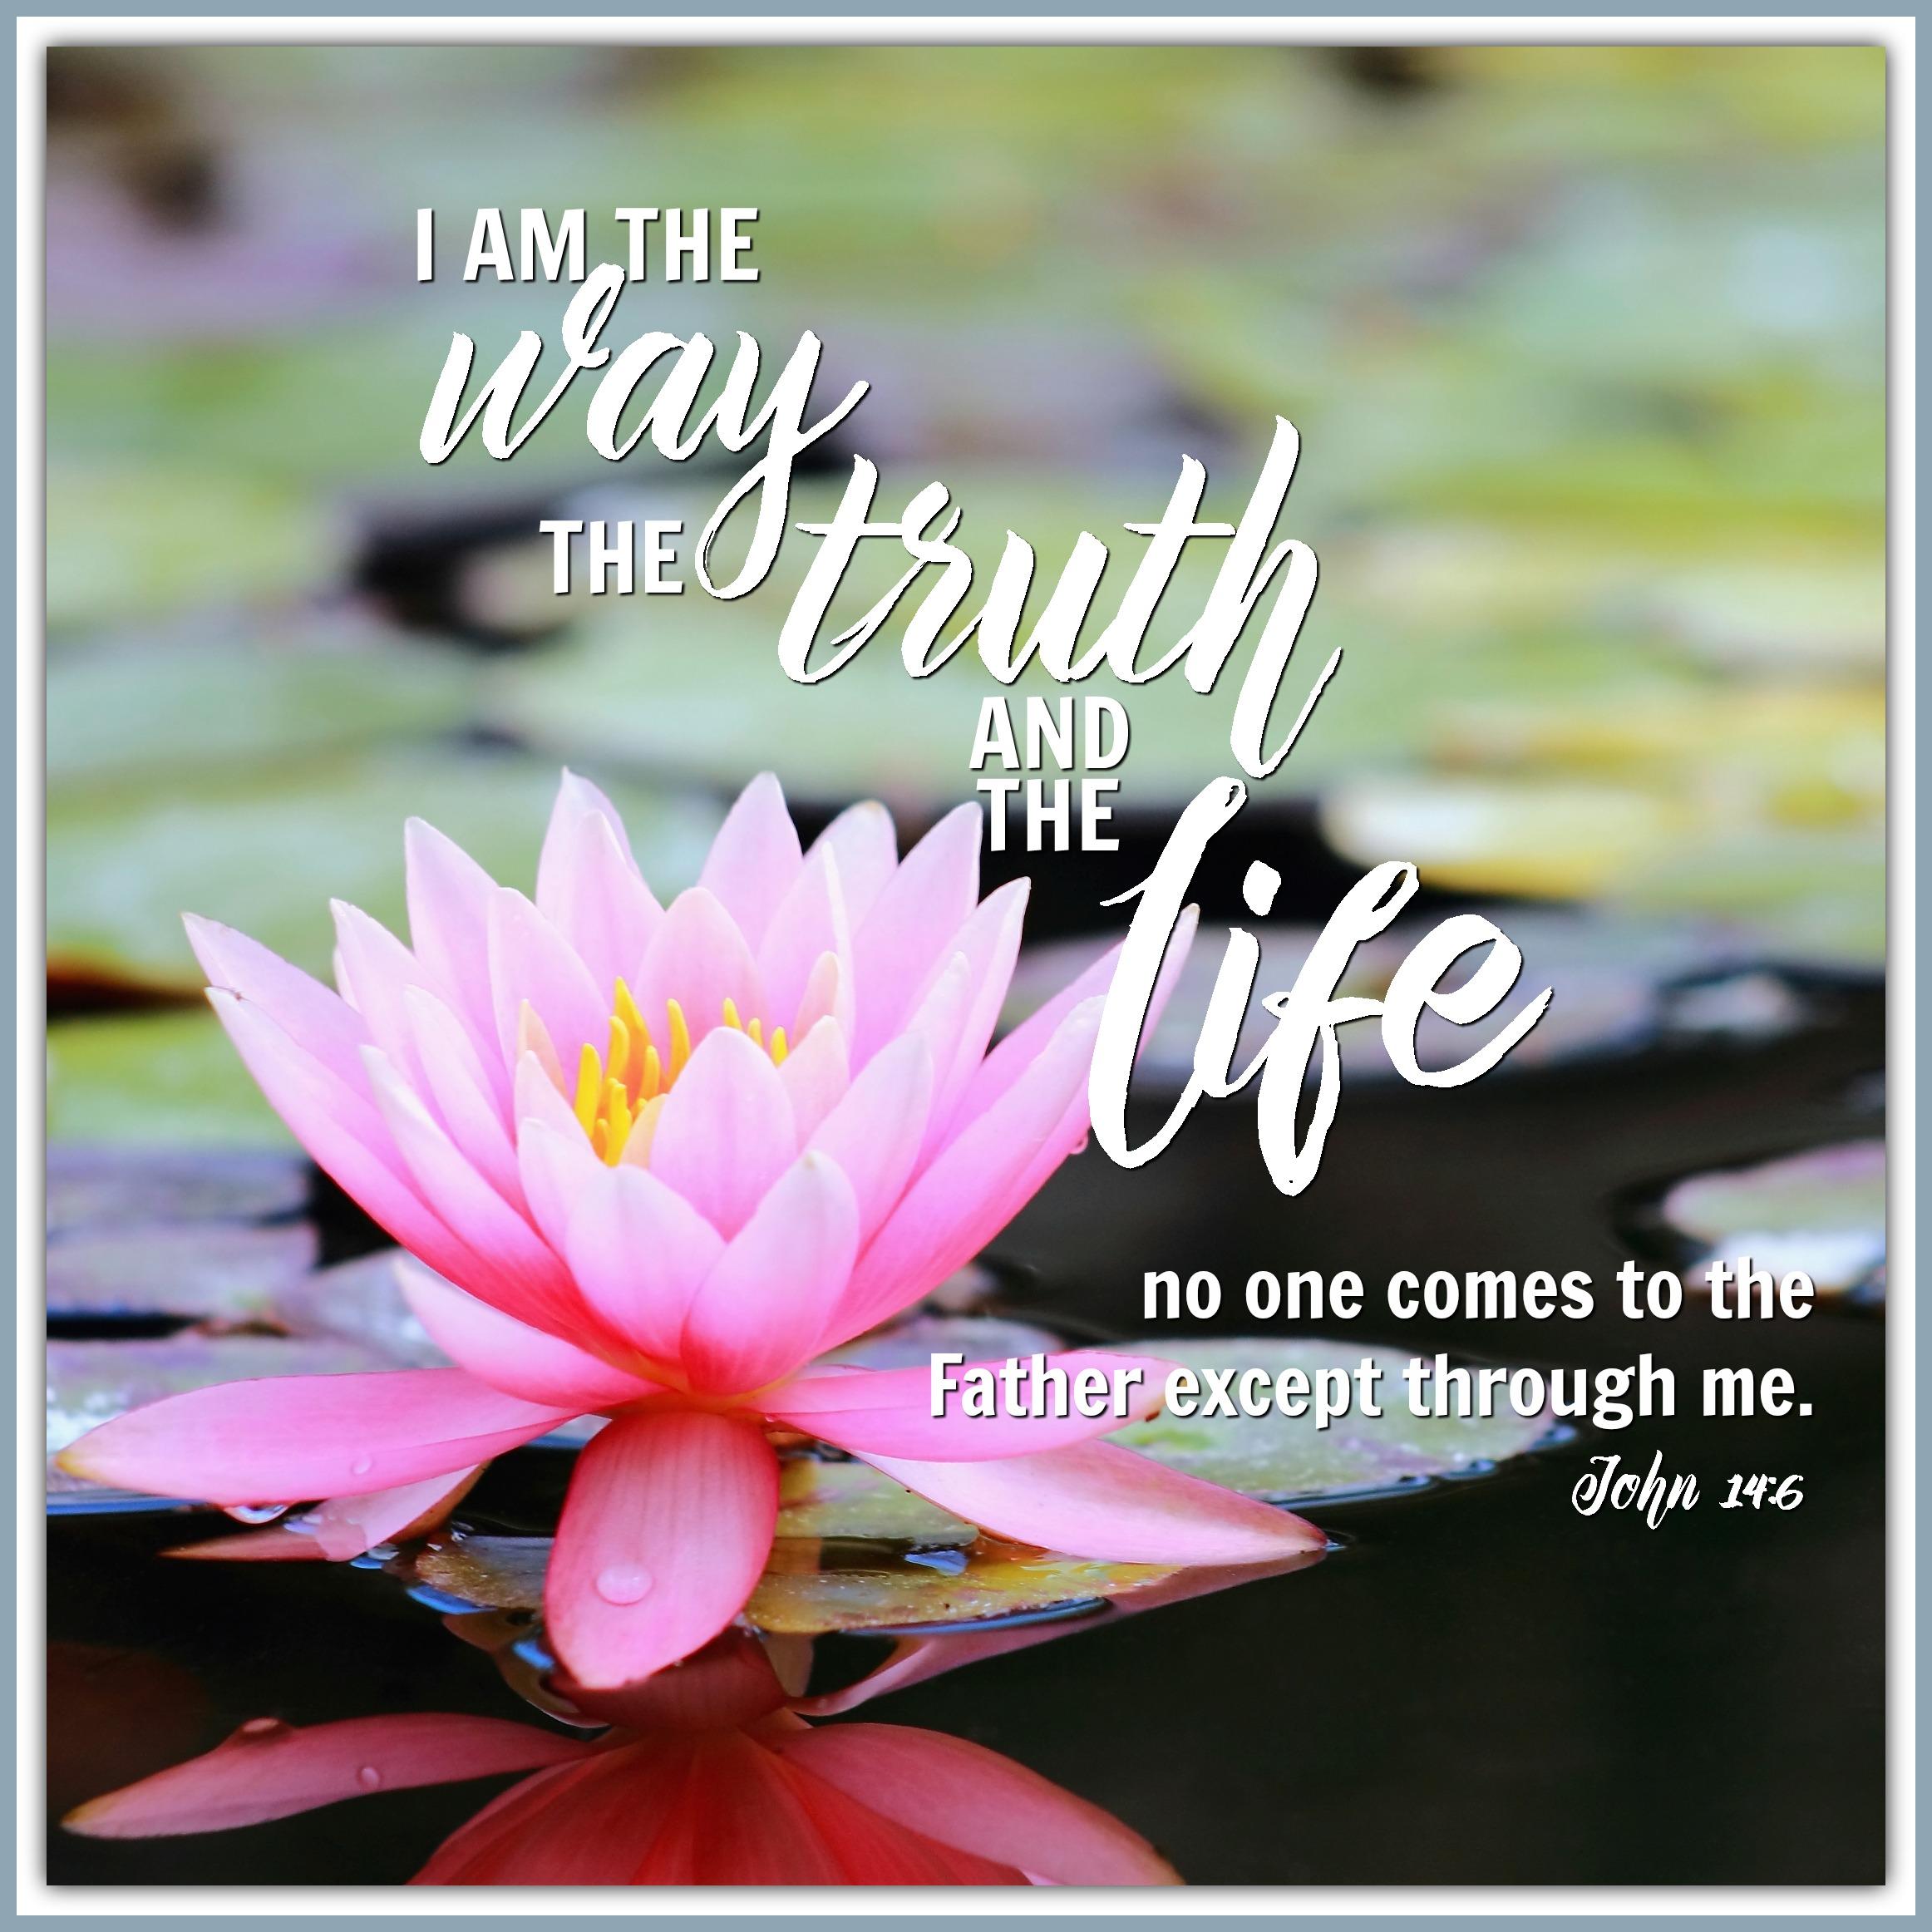 John 14:6-7